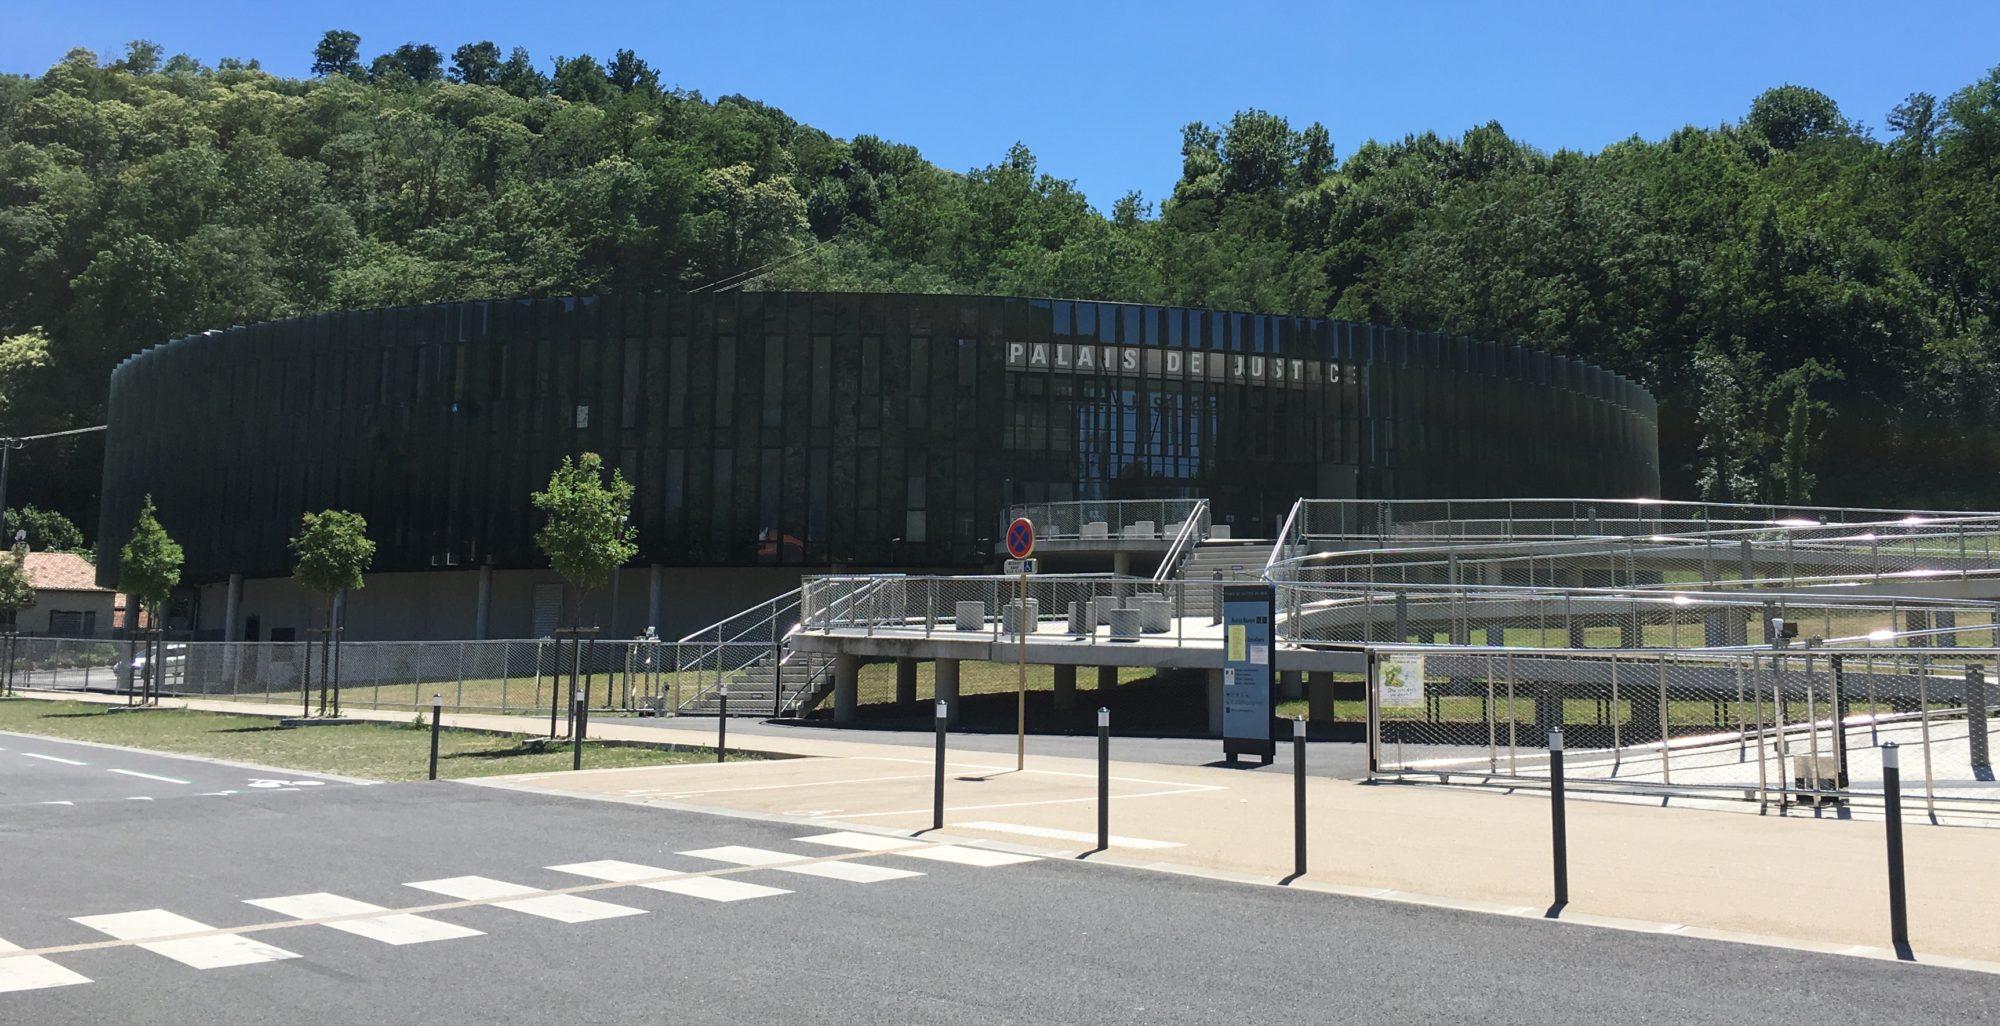 Palais de Justice de Foix